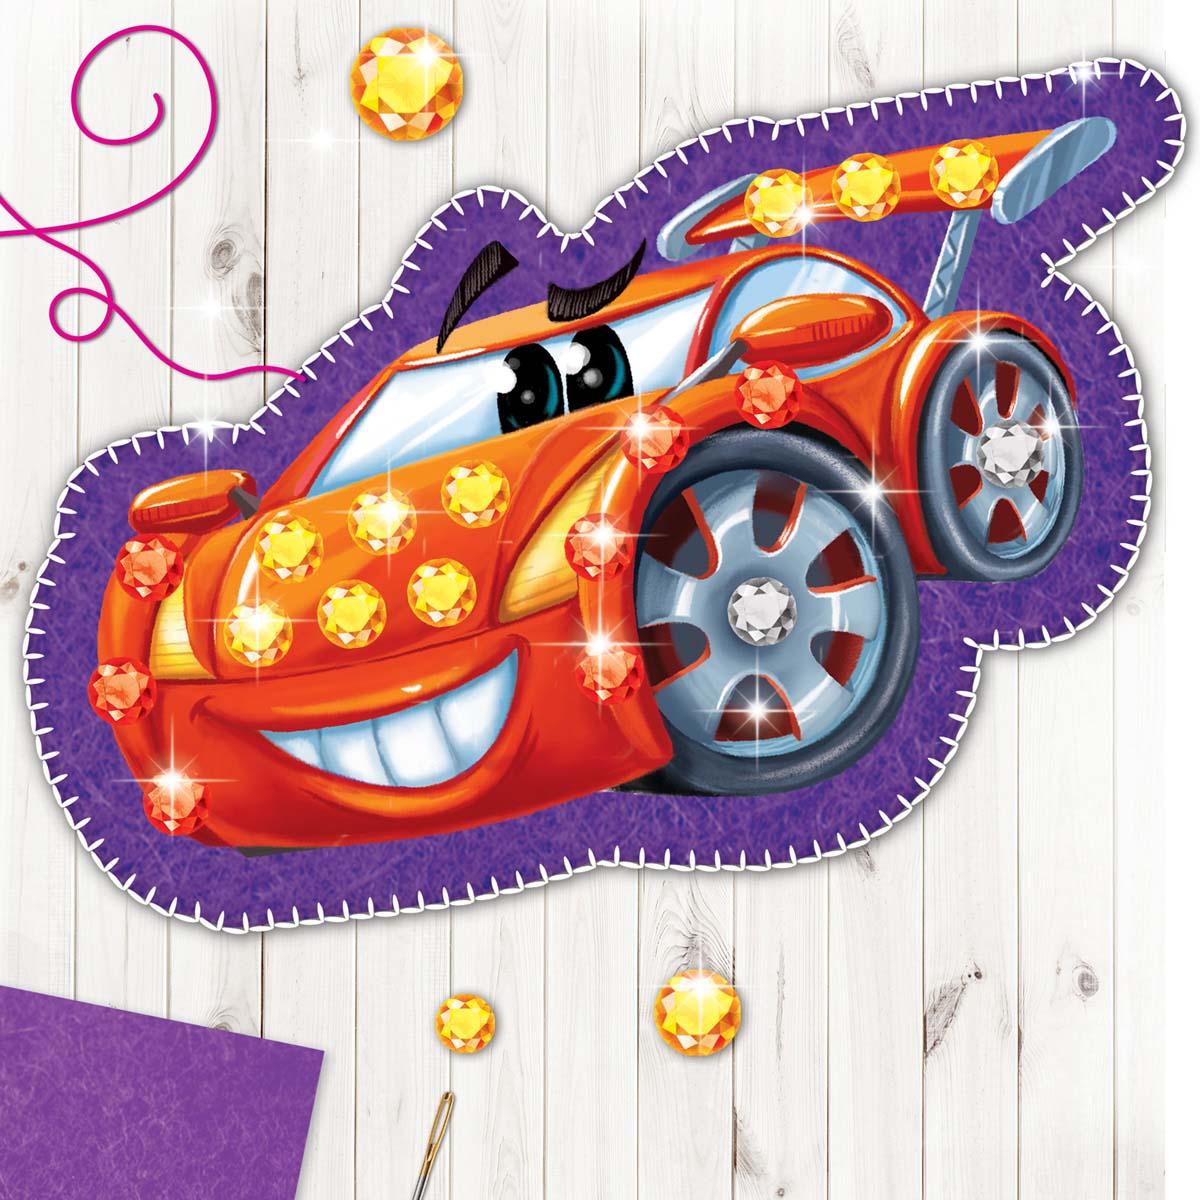 3536775 Набор для создания игрушки из фетра с термонаклейкой 'Машинка'